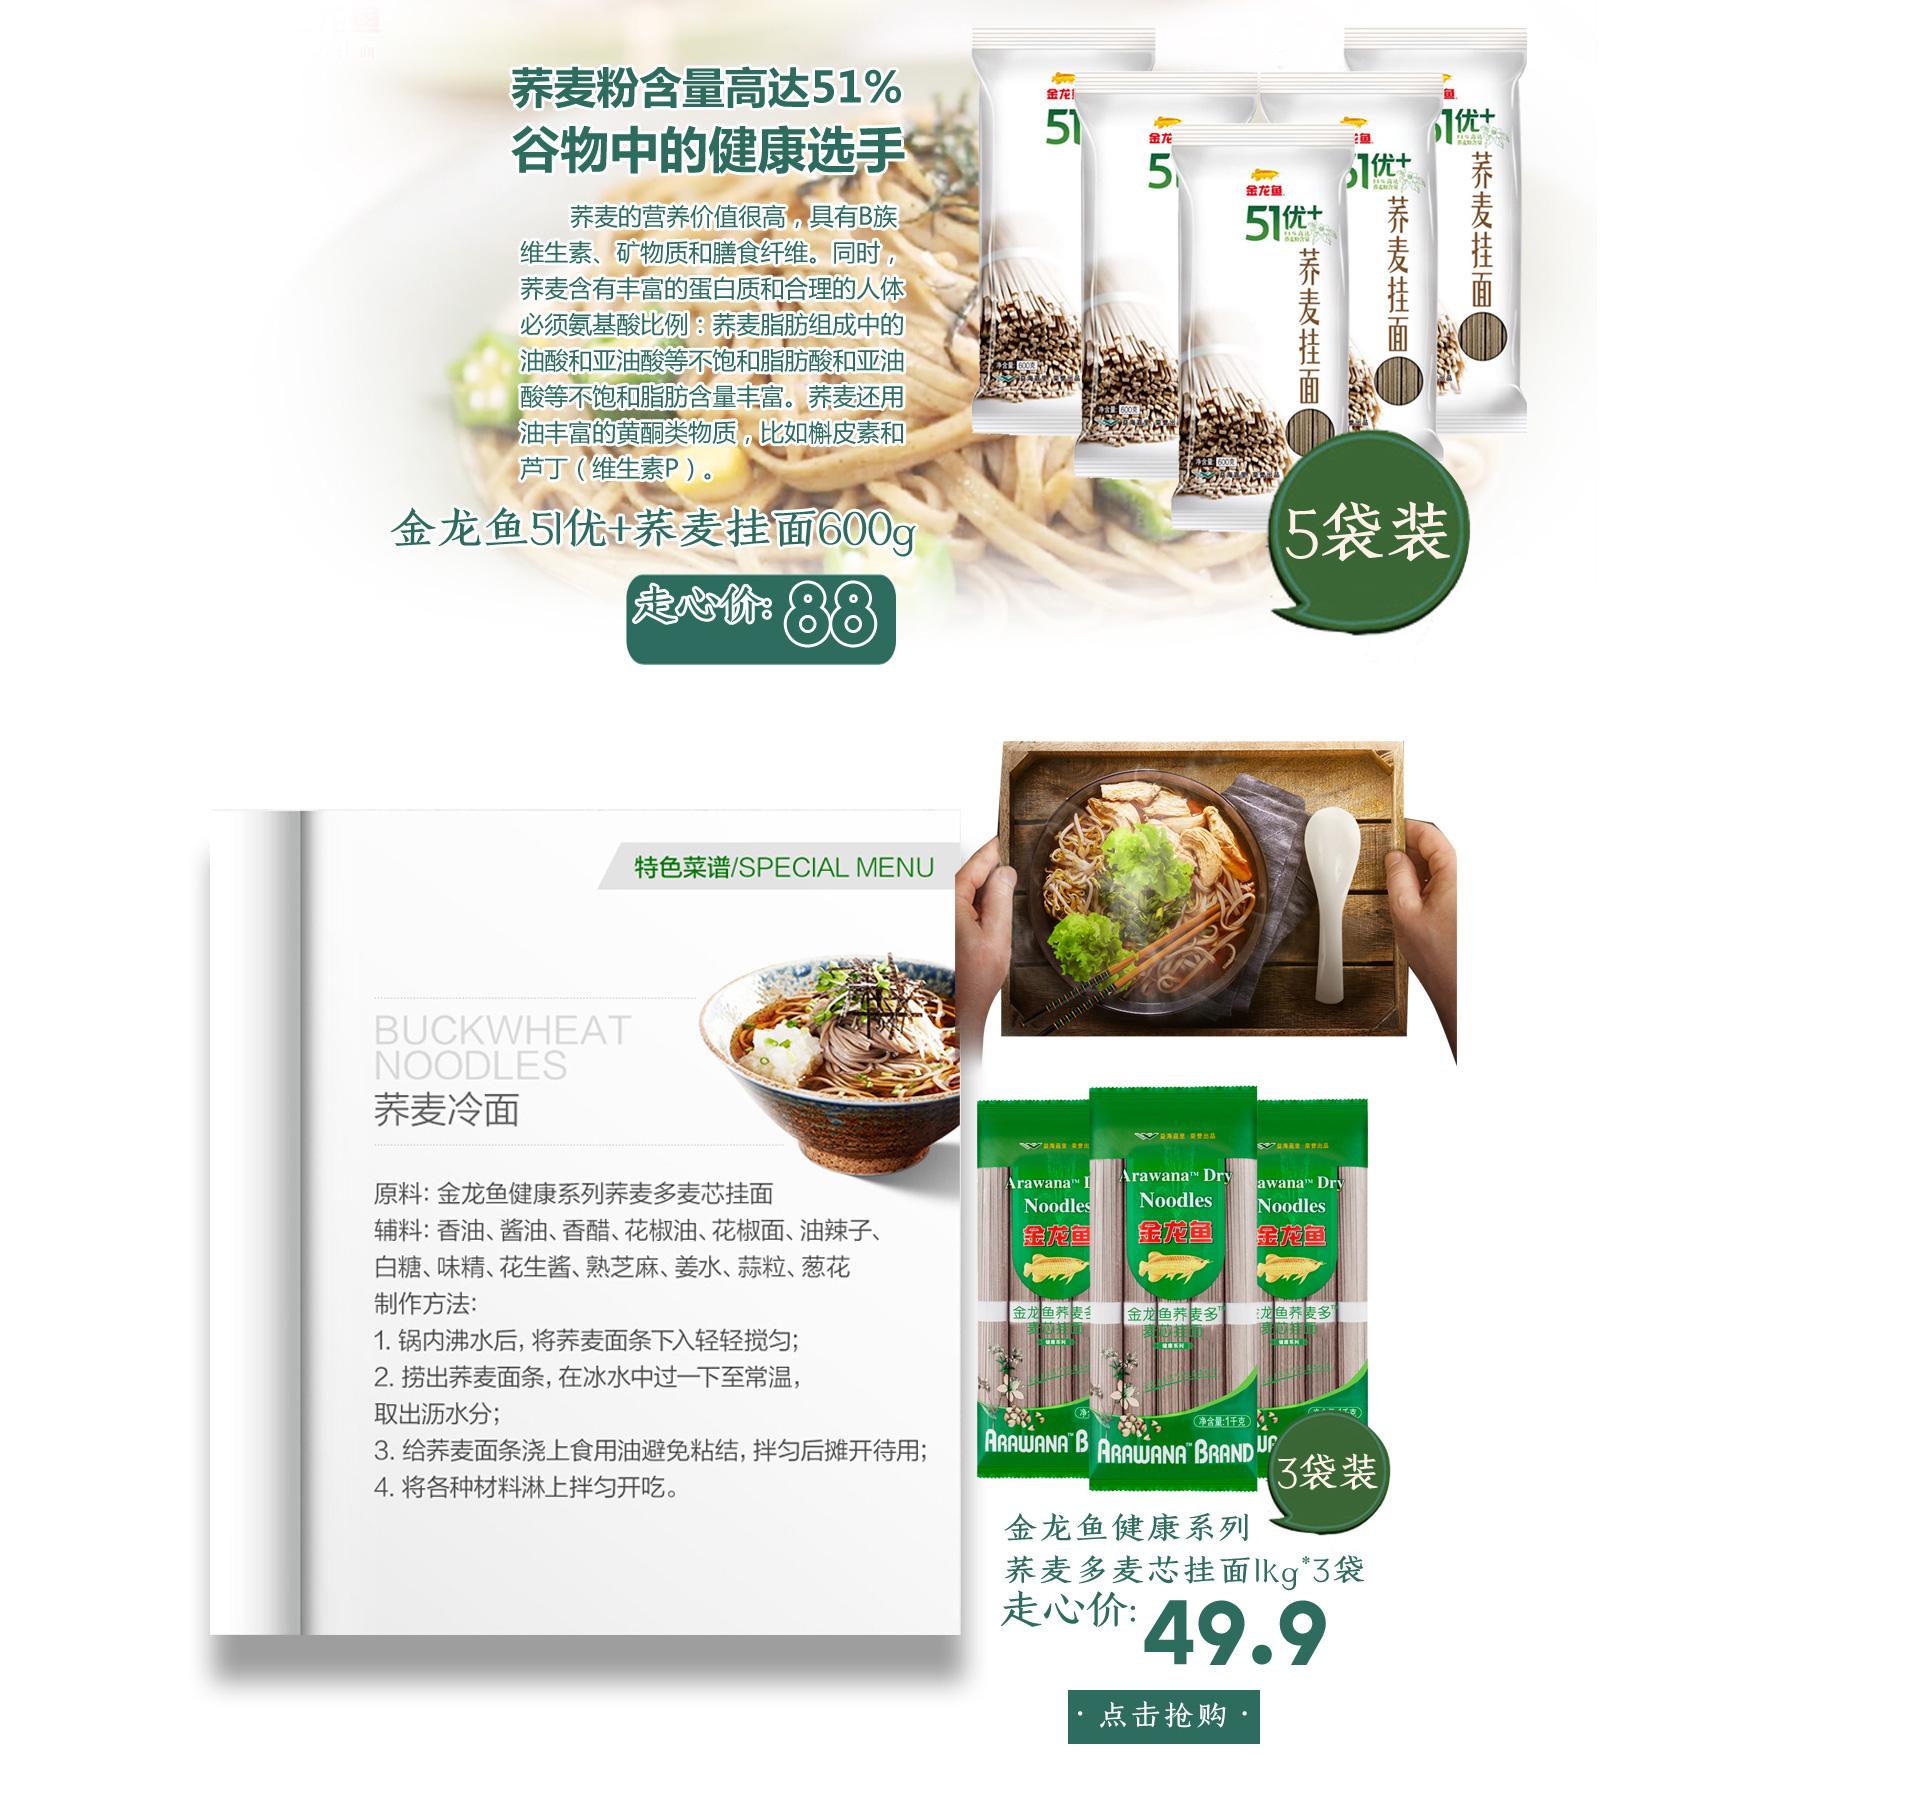 金龙鱼大米5kg_金龙鱼旗舰店 - 京东